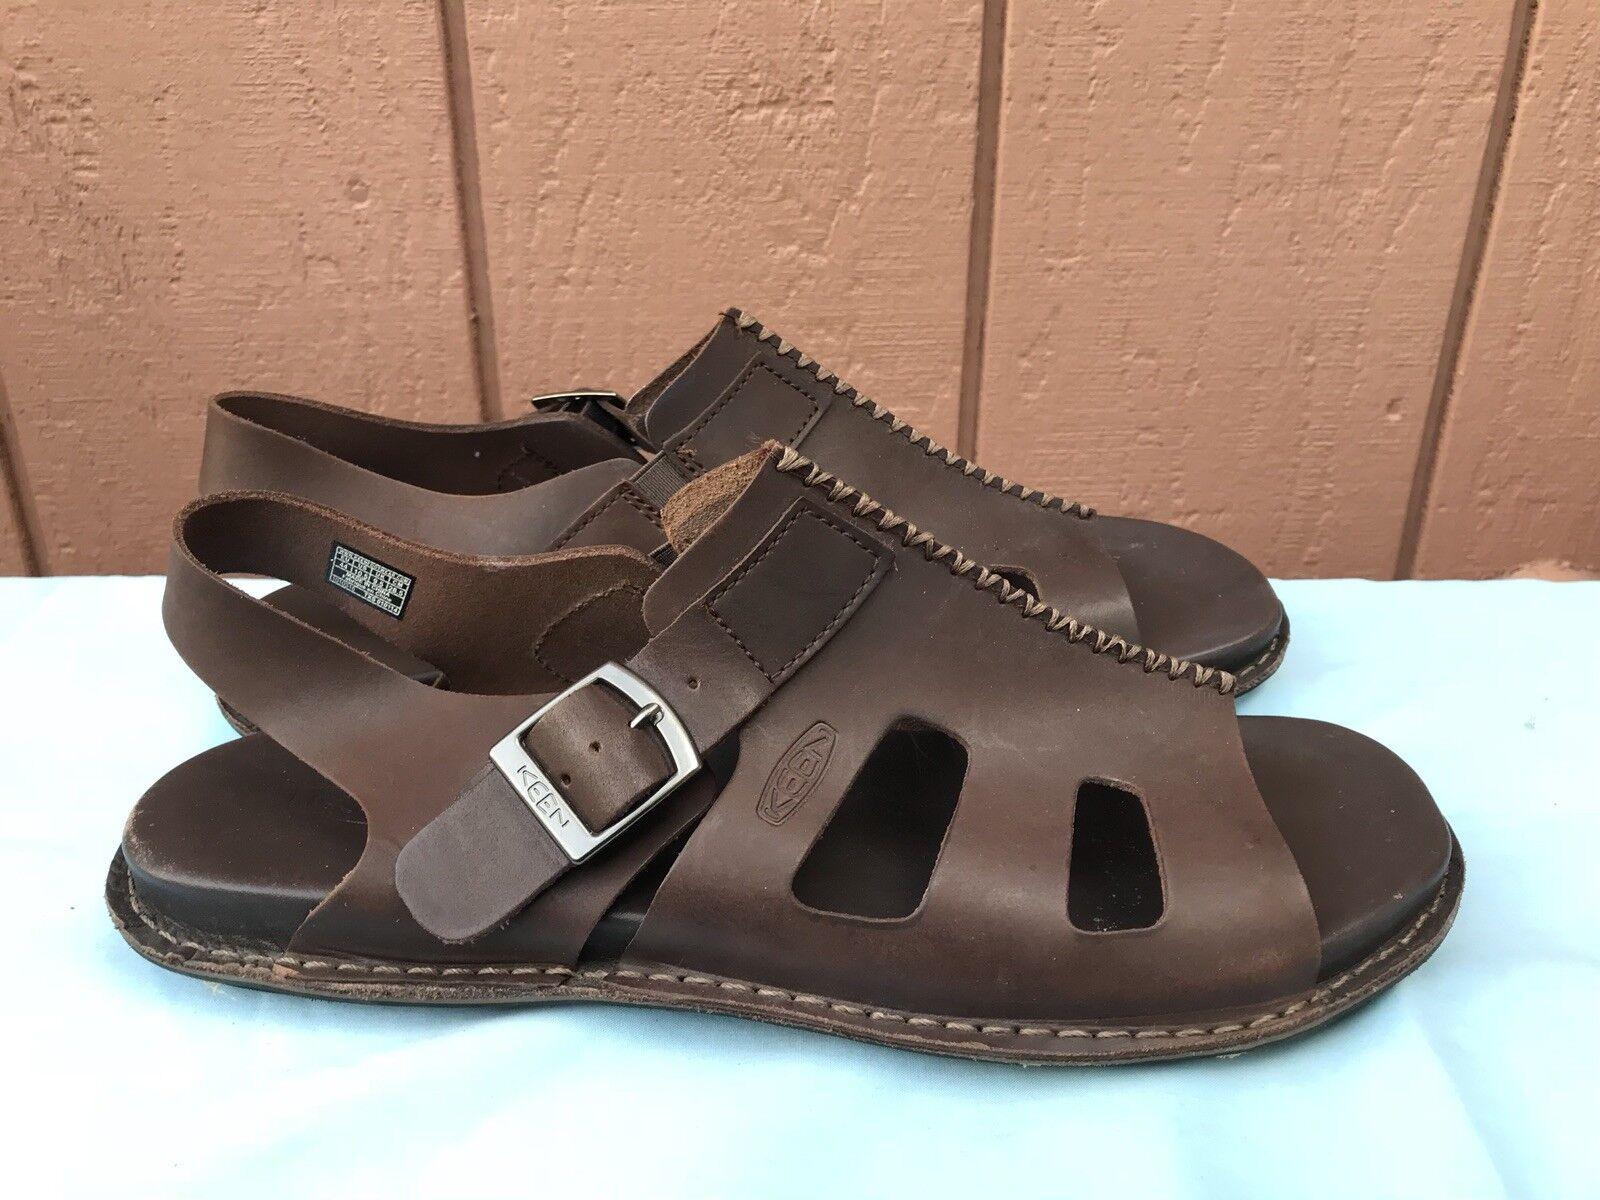 Raro usado en excelente estado Keen Para hombres Talla EE. UU. 10.5 Marrón Cuero Sandalia Zapato Puntera Abierta A5